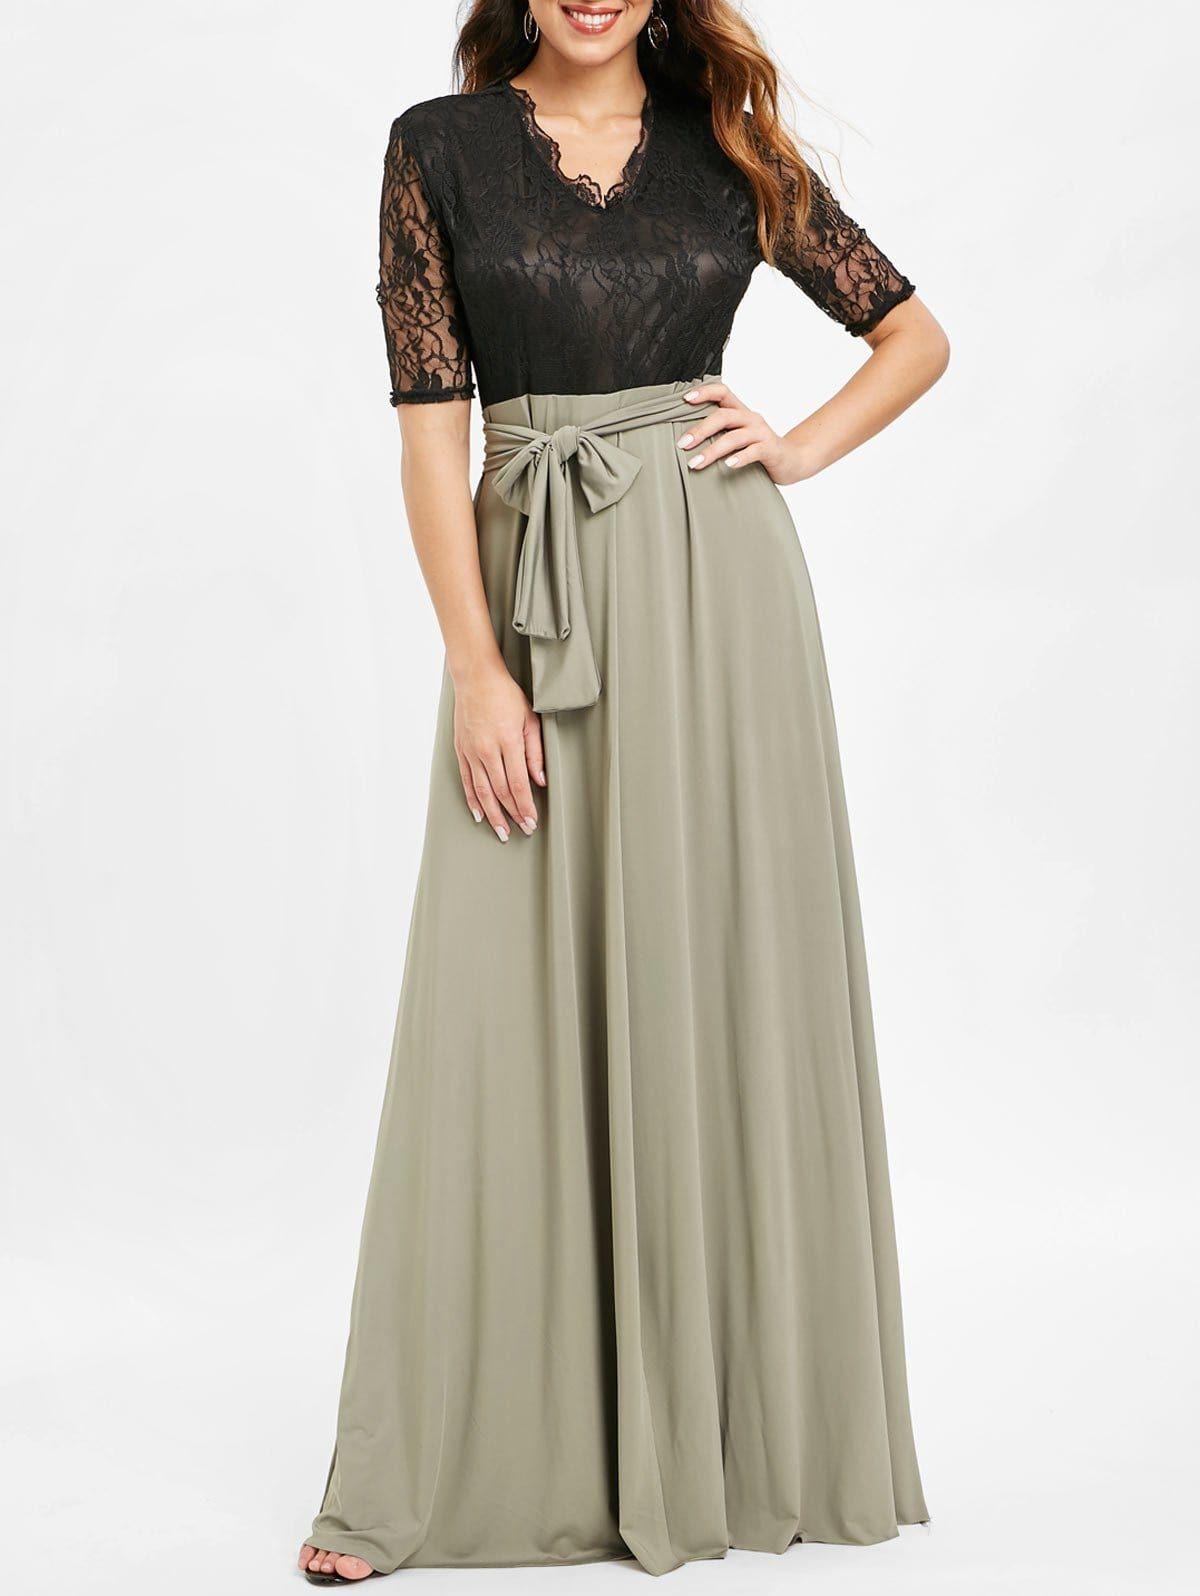 Lace Insert High Split Maxi Dress Split Maxi Dress Maxi Dress Dresses [ 1596 x 1200 Pixel ]